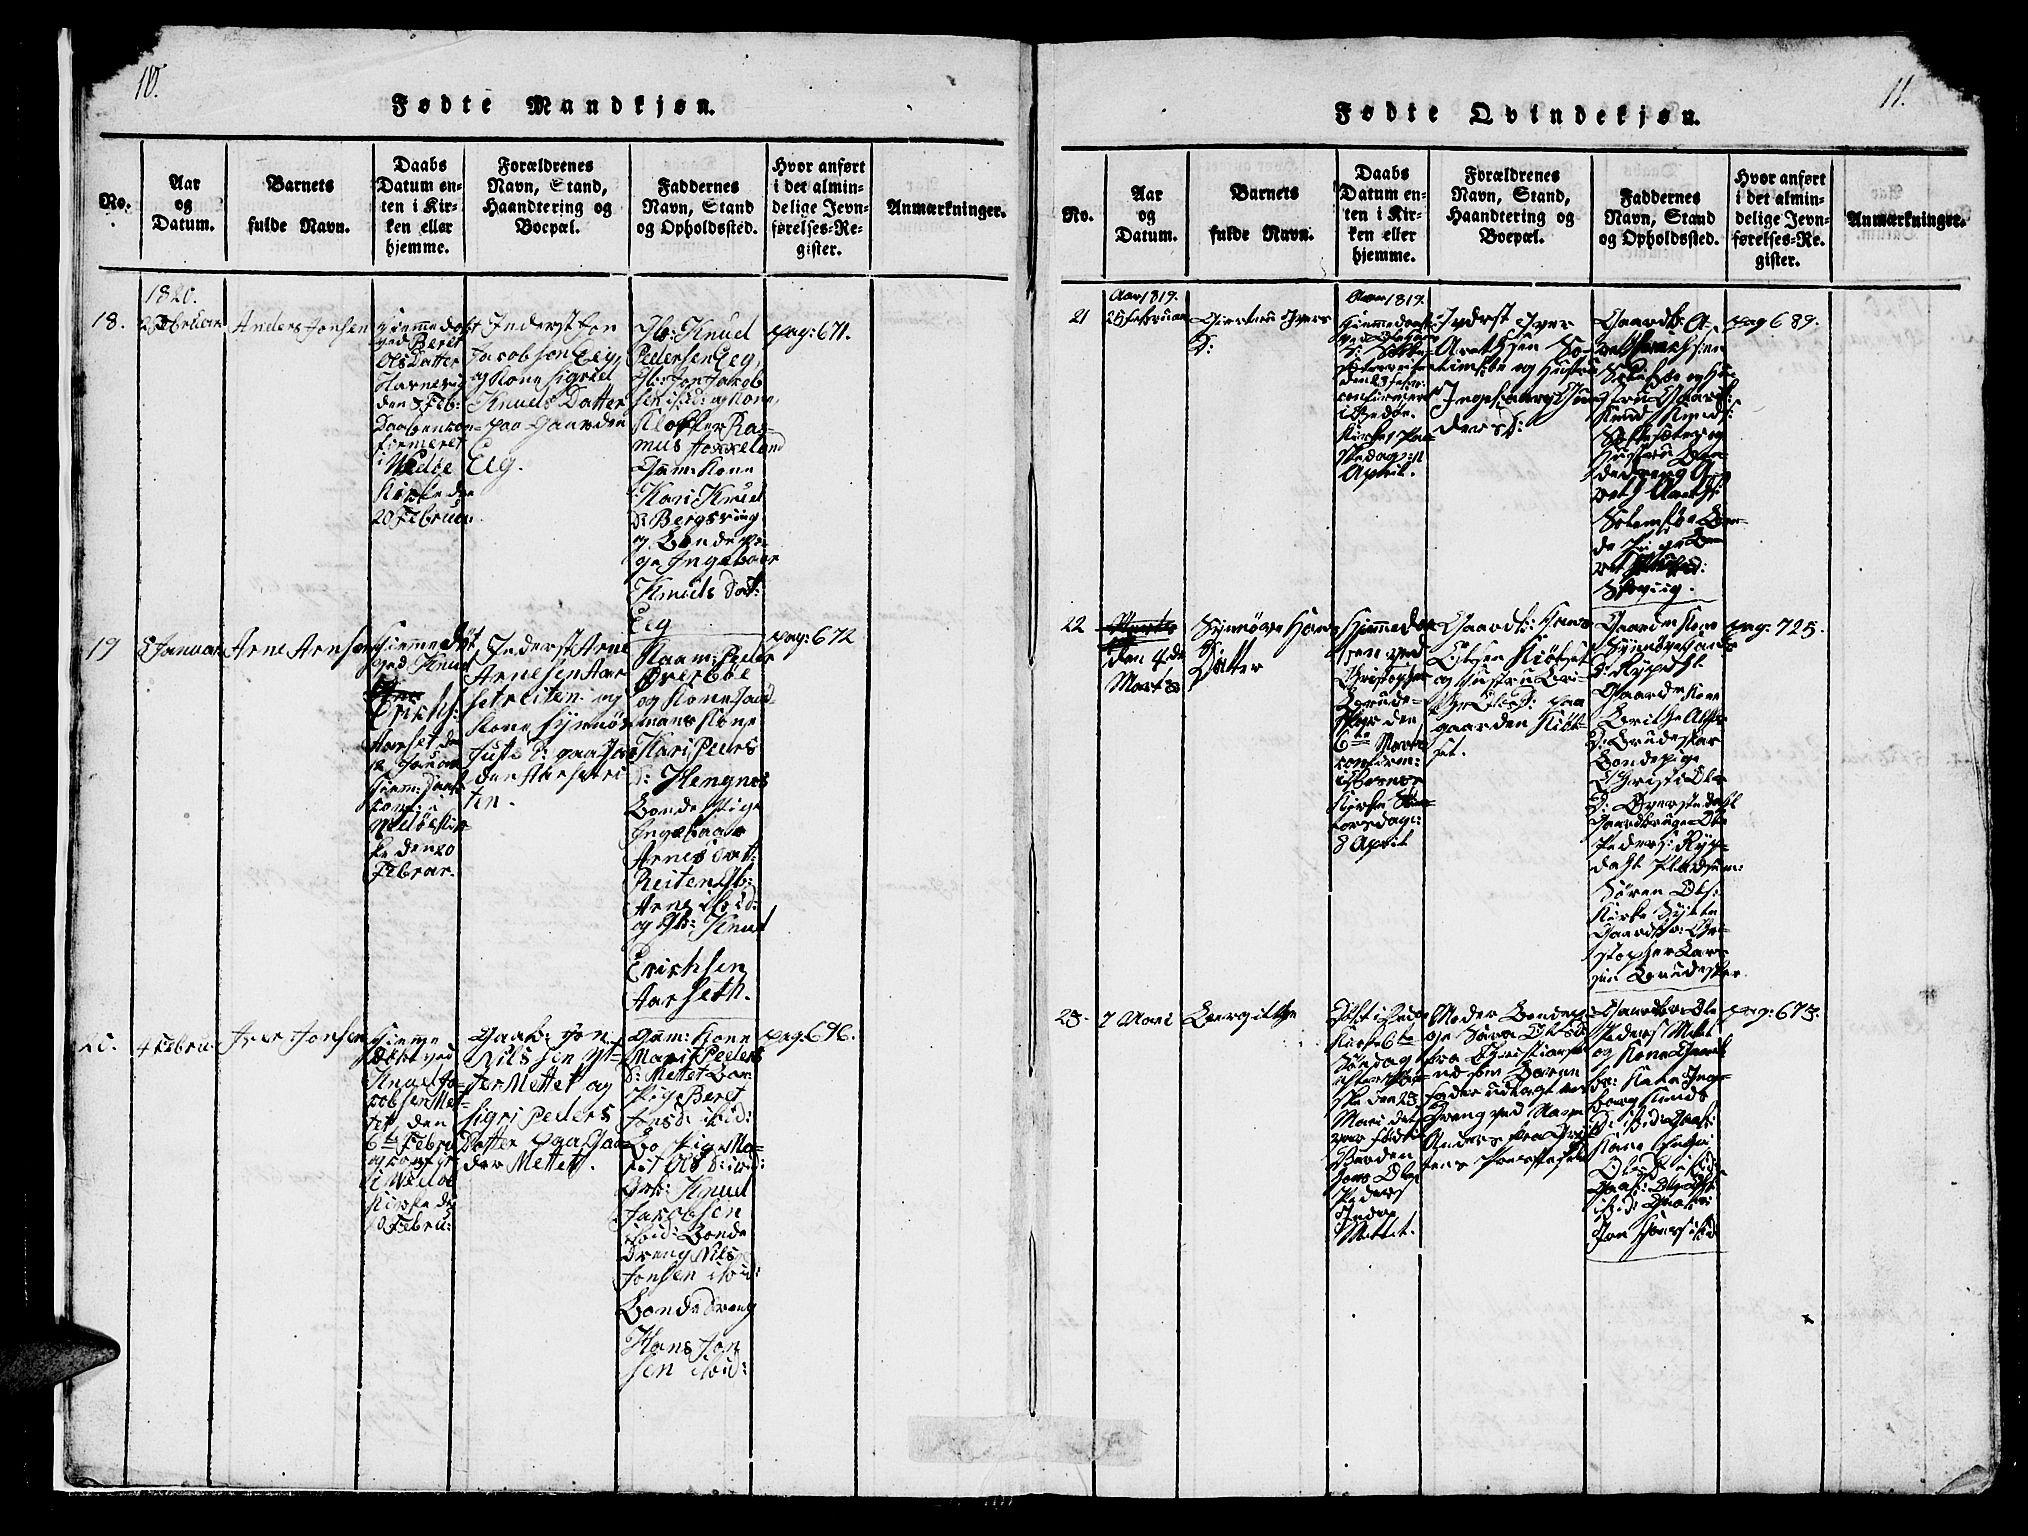 SAT, Ministerialprotokoller, klokkerbøker og fødselsregistre - Møre og Romsdal, 547/L0610: Klokkerbok nr. 547C01, 1818-1839, s. 10-11